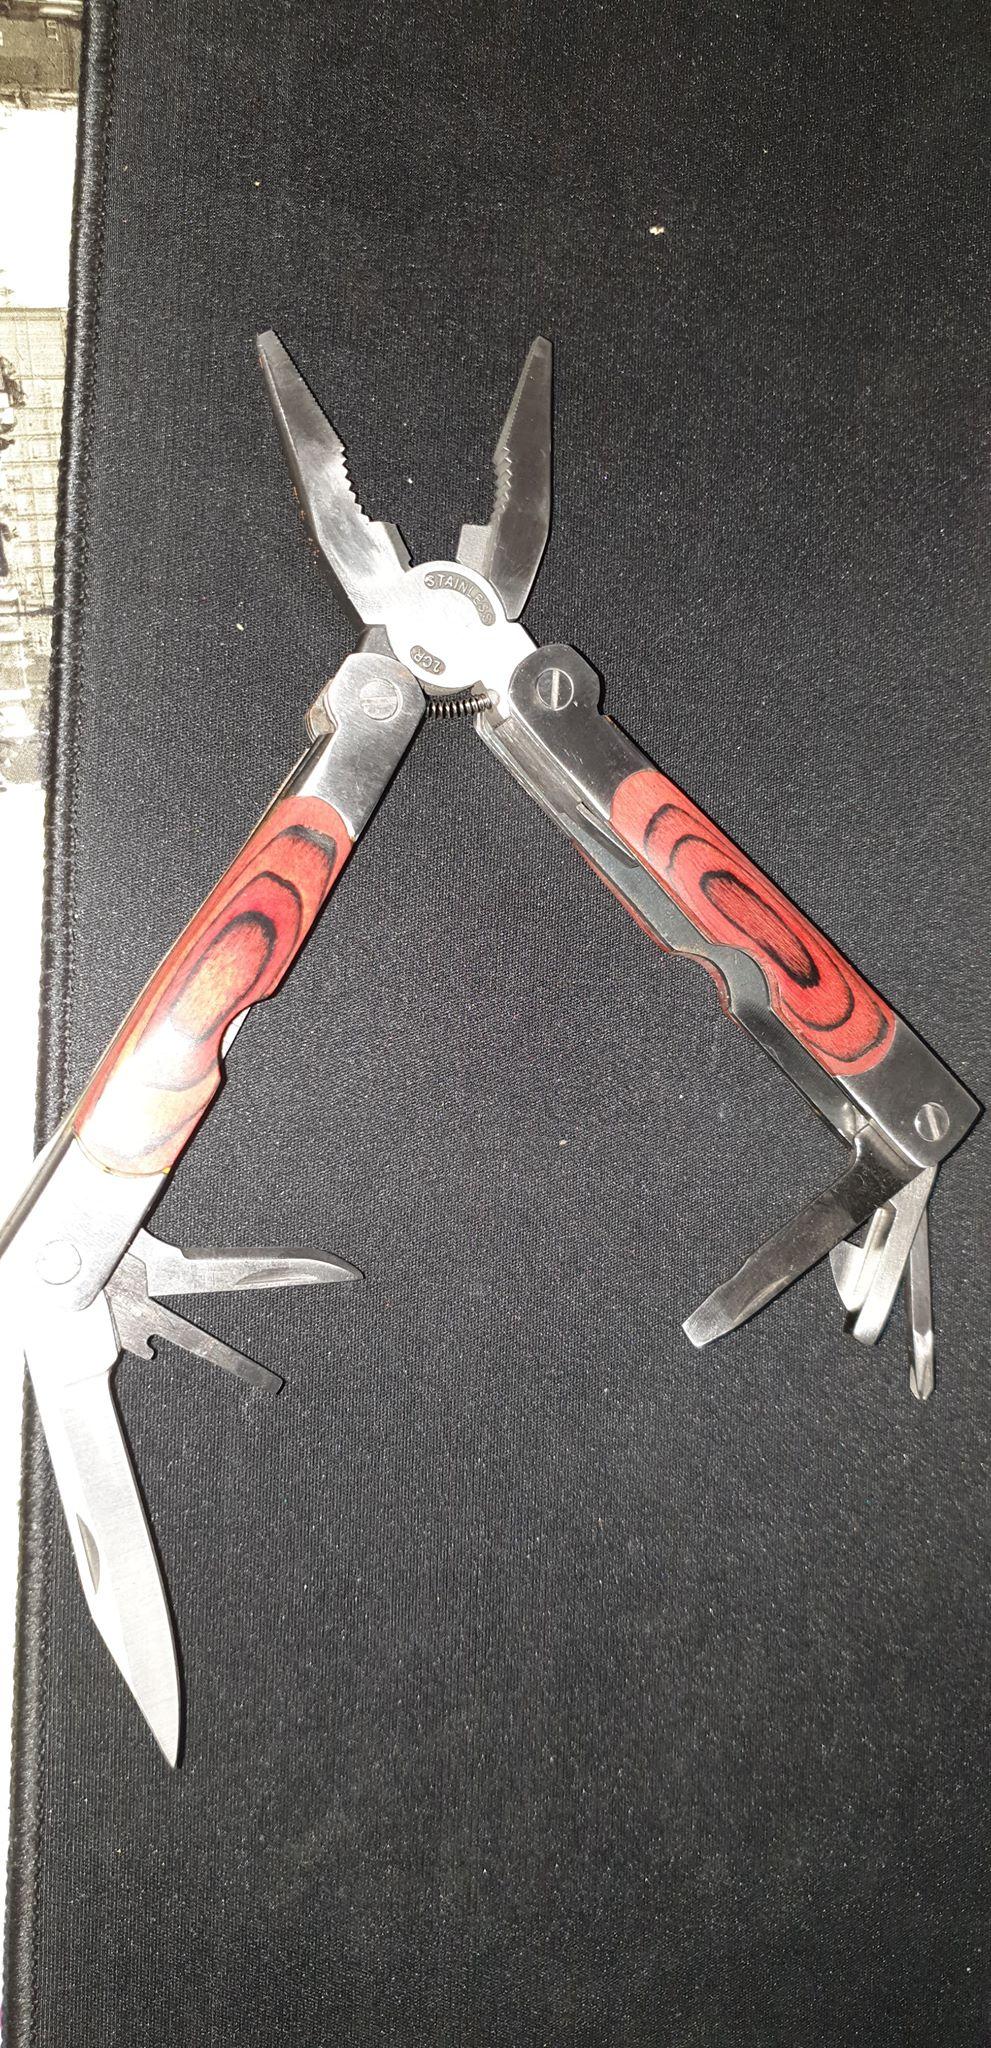 couteau de poche multi fonction